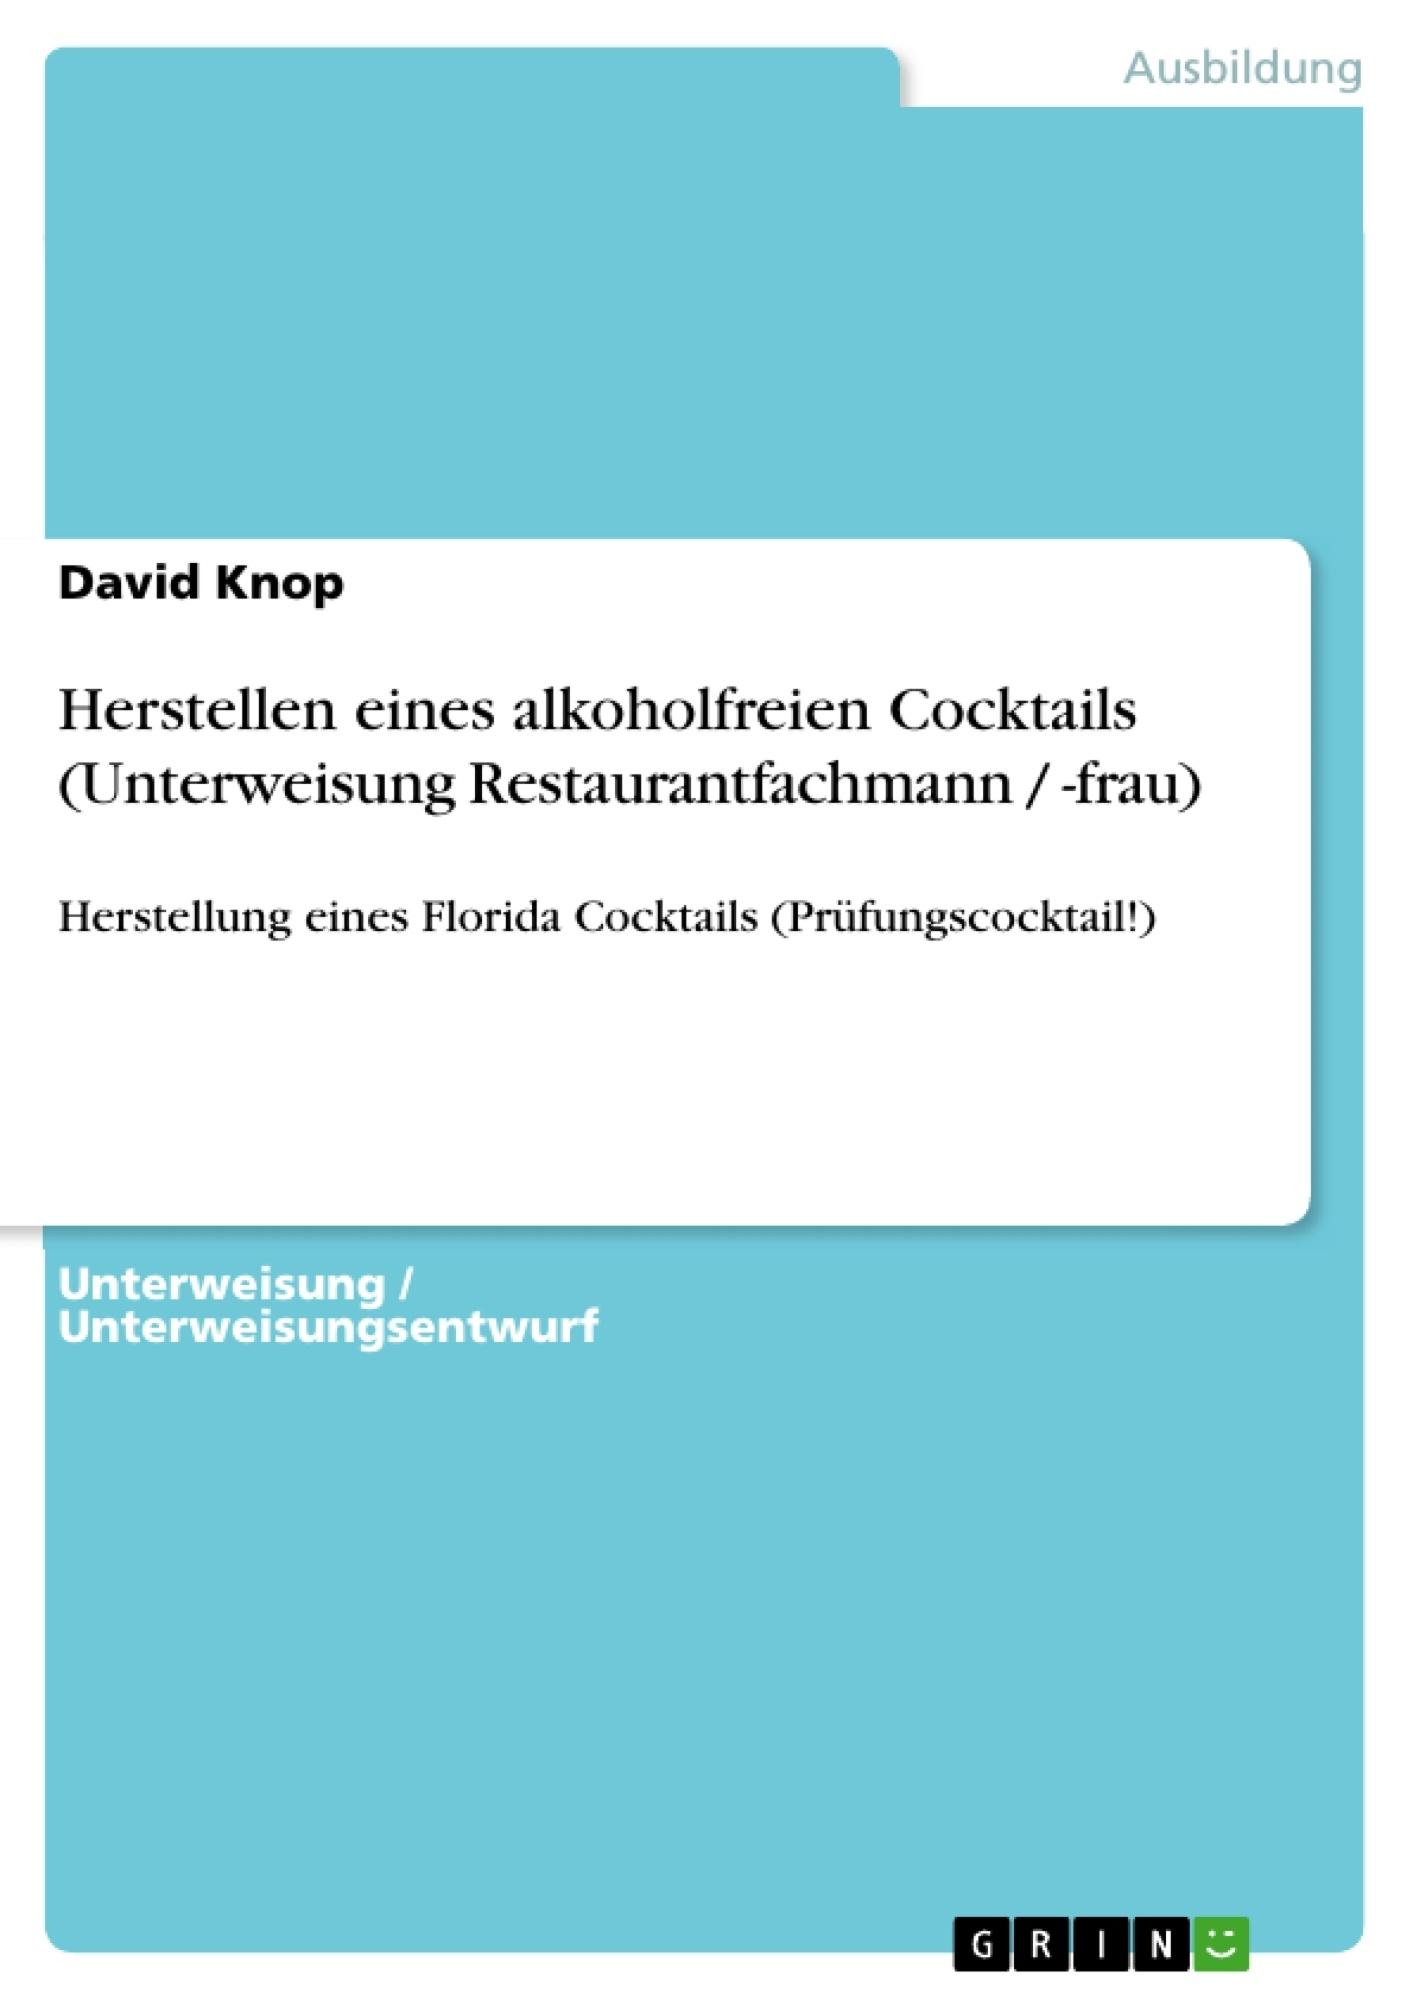 Titel: Herstellen eines alkoholfreien Cocktails (Unterweisung Restaurantfachmann / -frau)